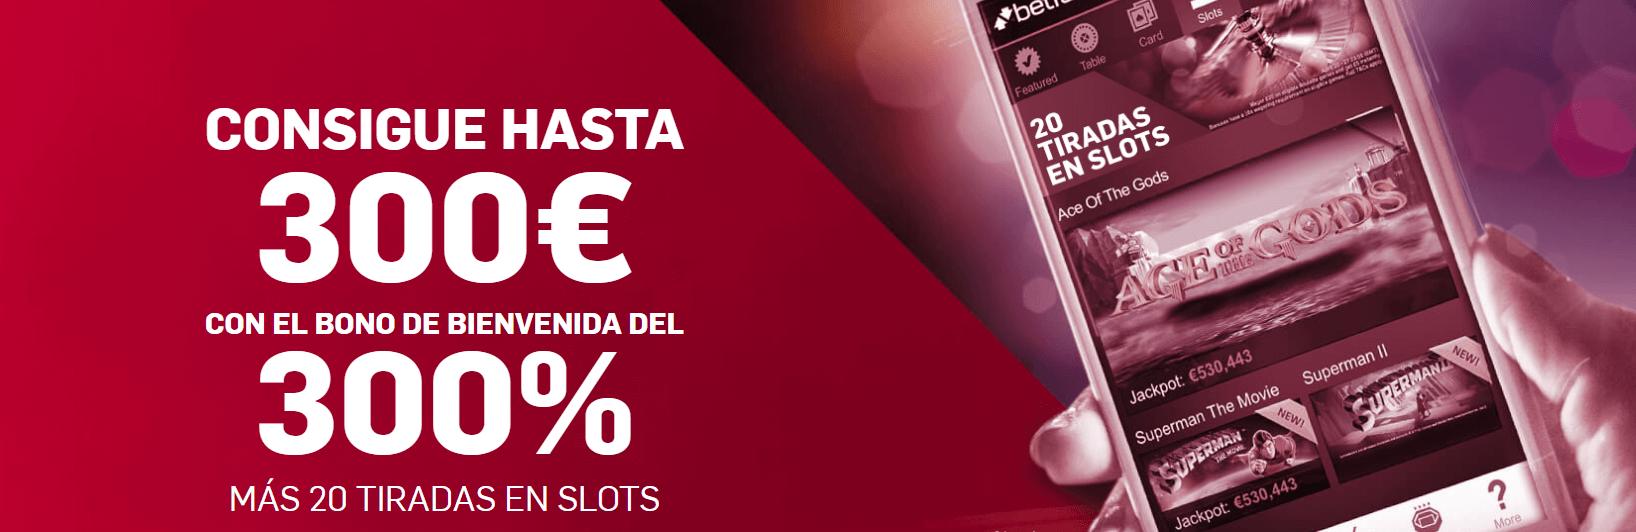 Gana gratis bonos de 10€ para el casino de Betfair-958